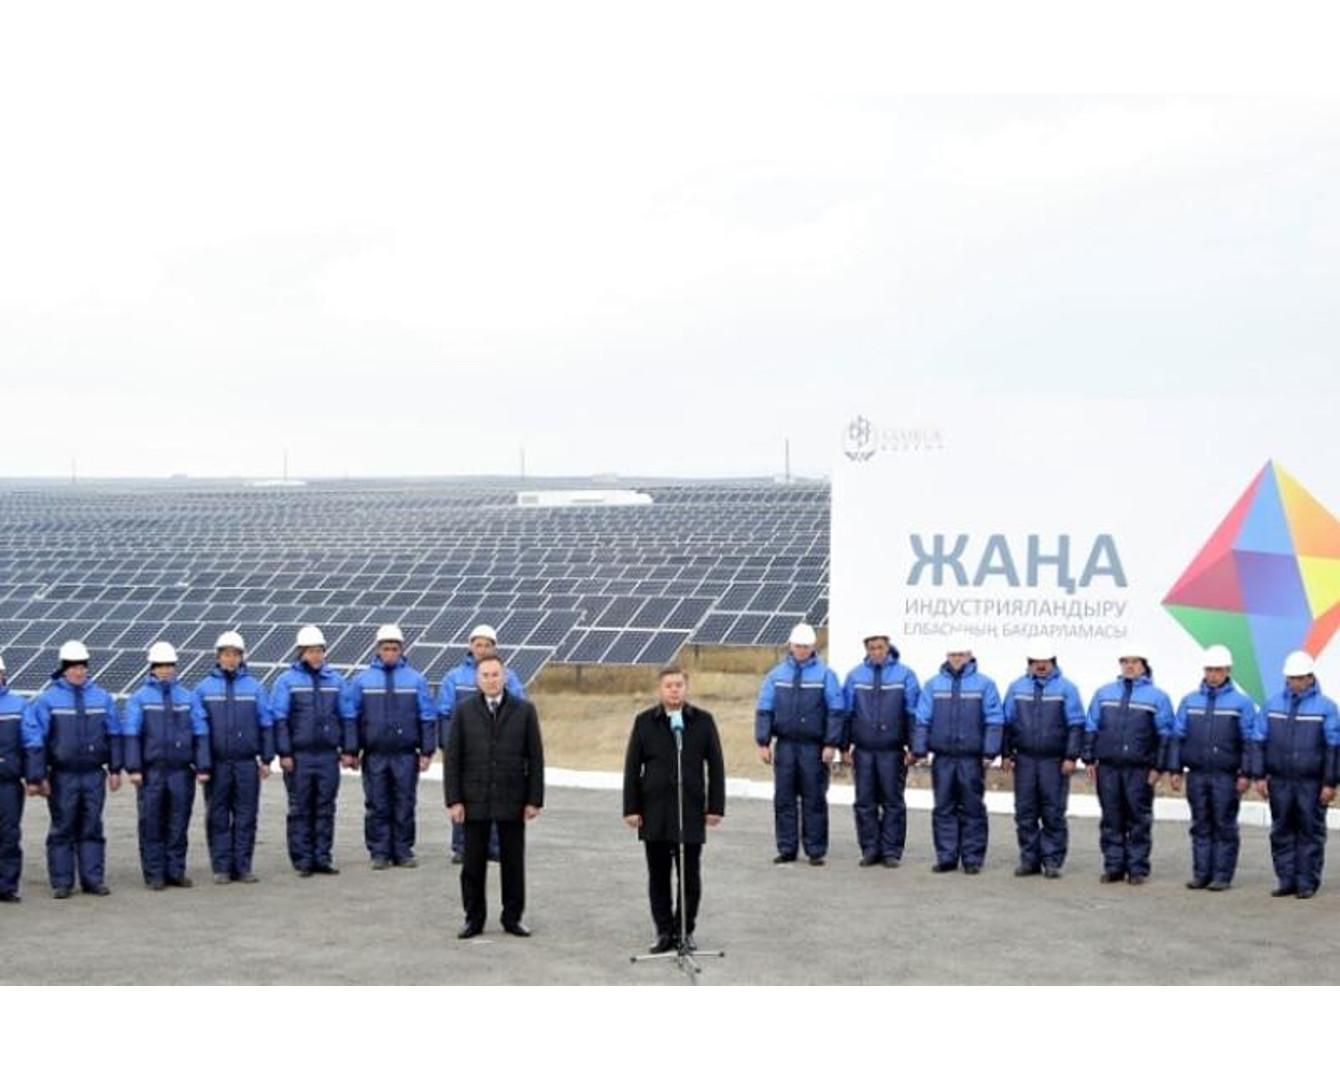 Telekópir: Jambyl oblysynda «Býrnoe Solar-2» kún elektr stantsııasy iske qosyldy